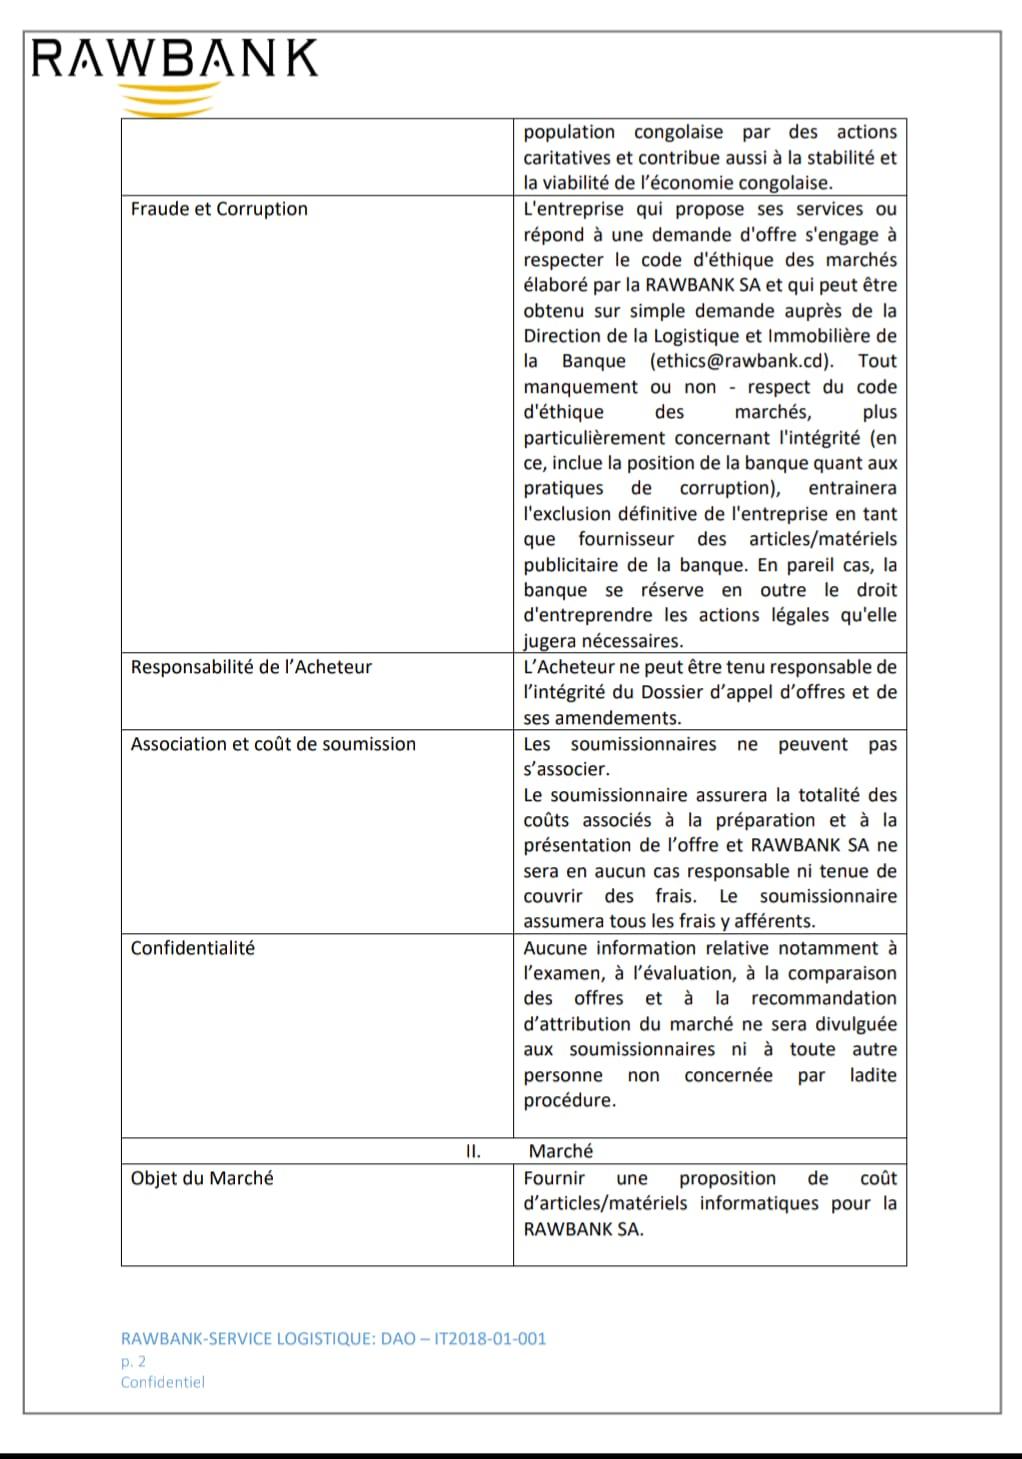 """RDC : Rawbank lance un appel d'offre pour """"articles et matériels informatiques"""" 3"""